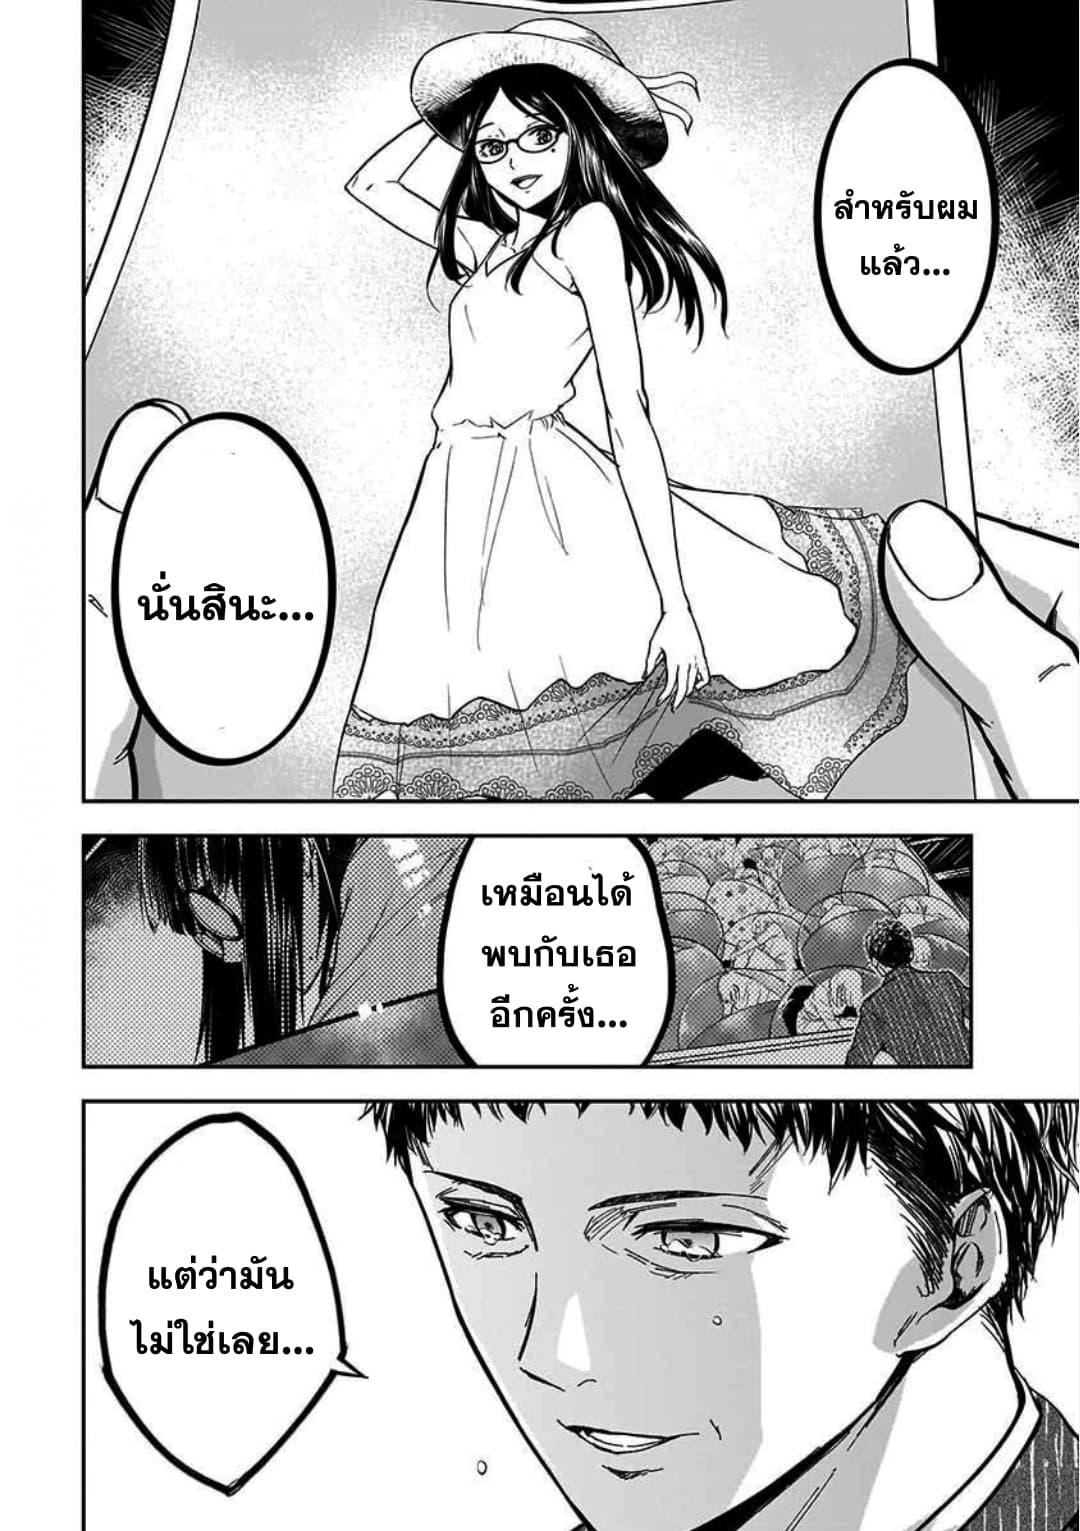 อ่านการ์ตูน Kanojo Gacha ตอนที่ 5 หน้าที่ 21